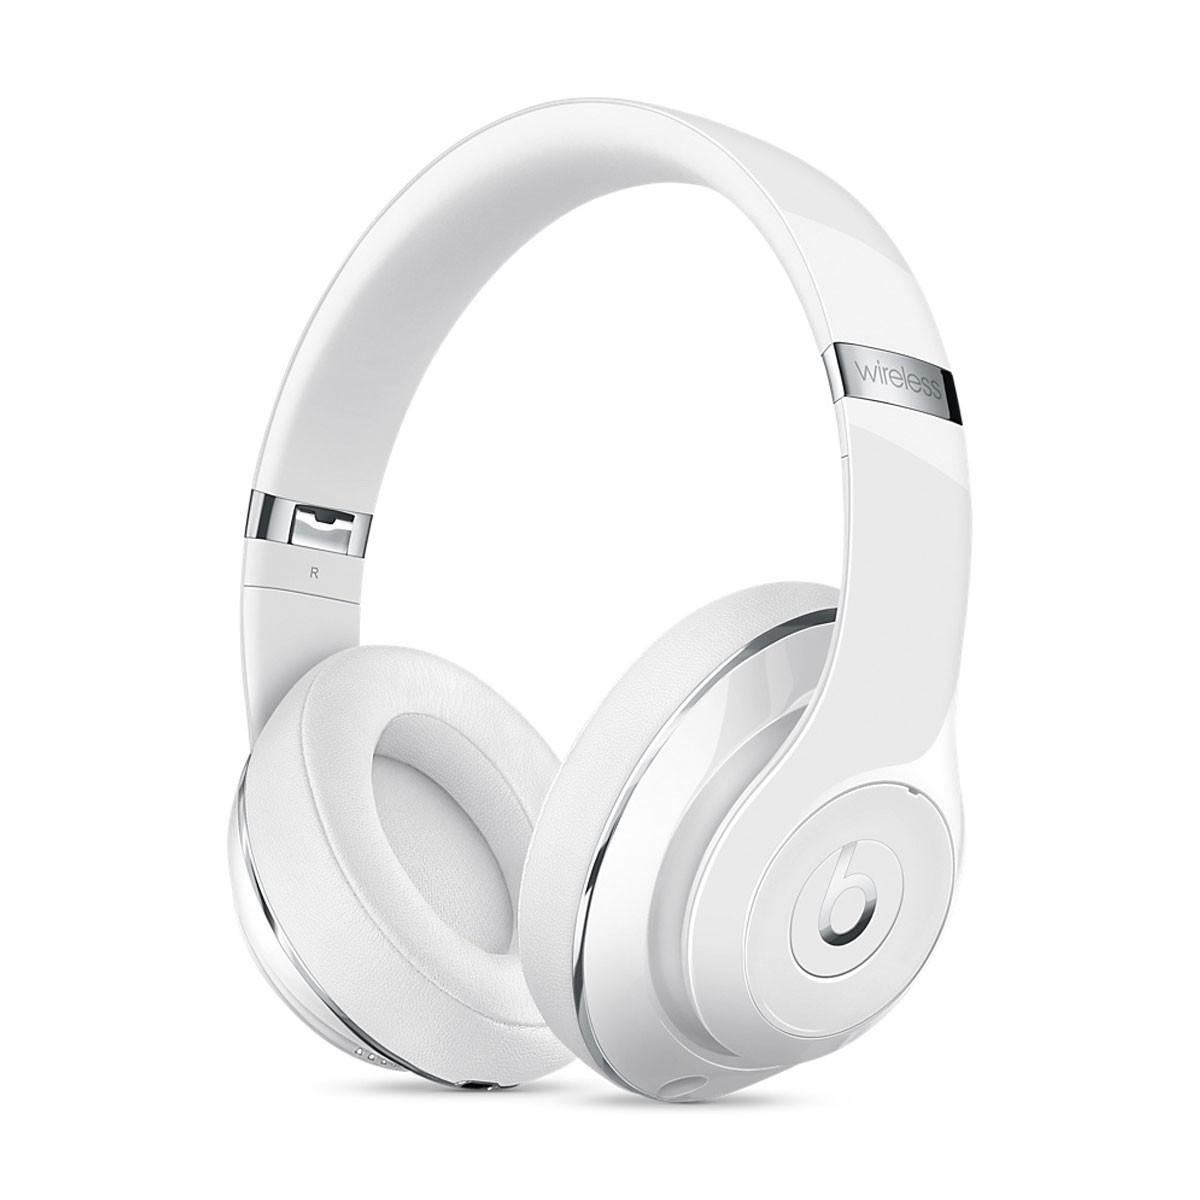 Bezdrátová sluchátka přes uši Beats by Dr. Dre Studio -  leskle bílá